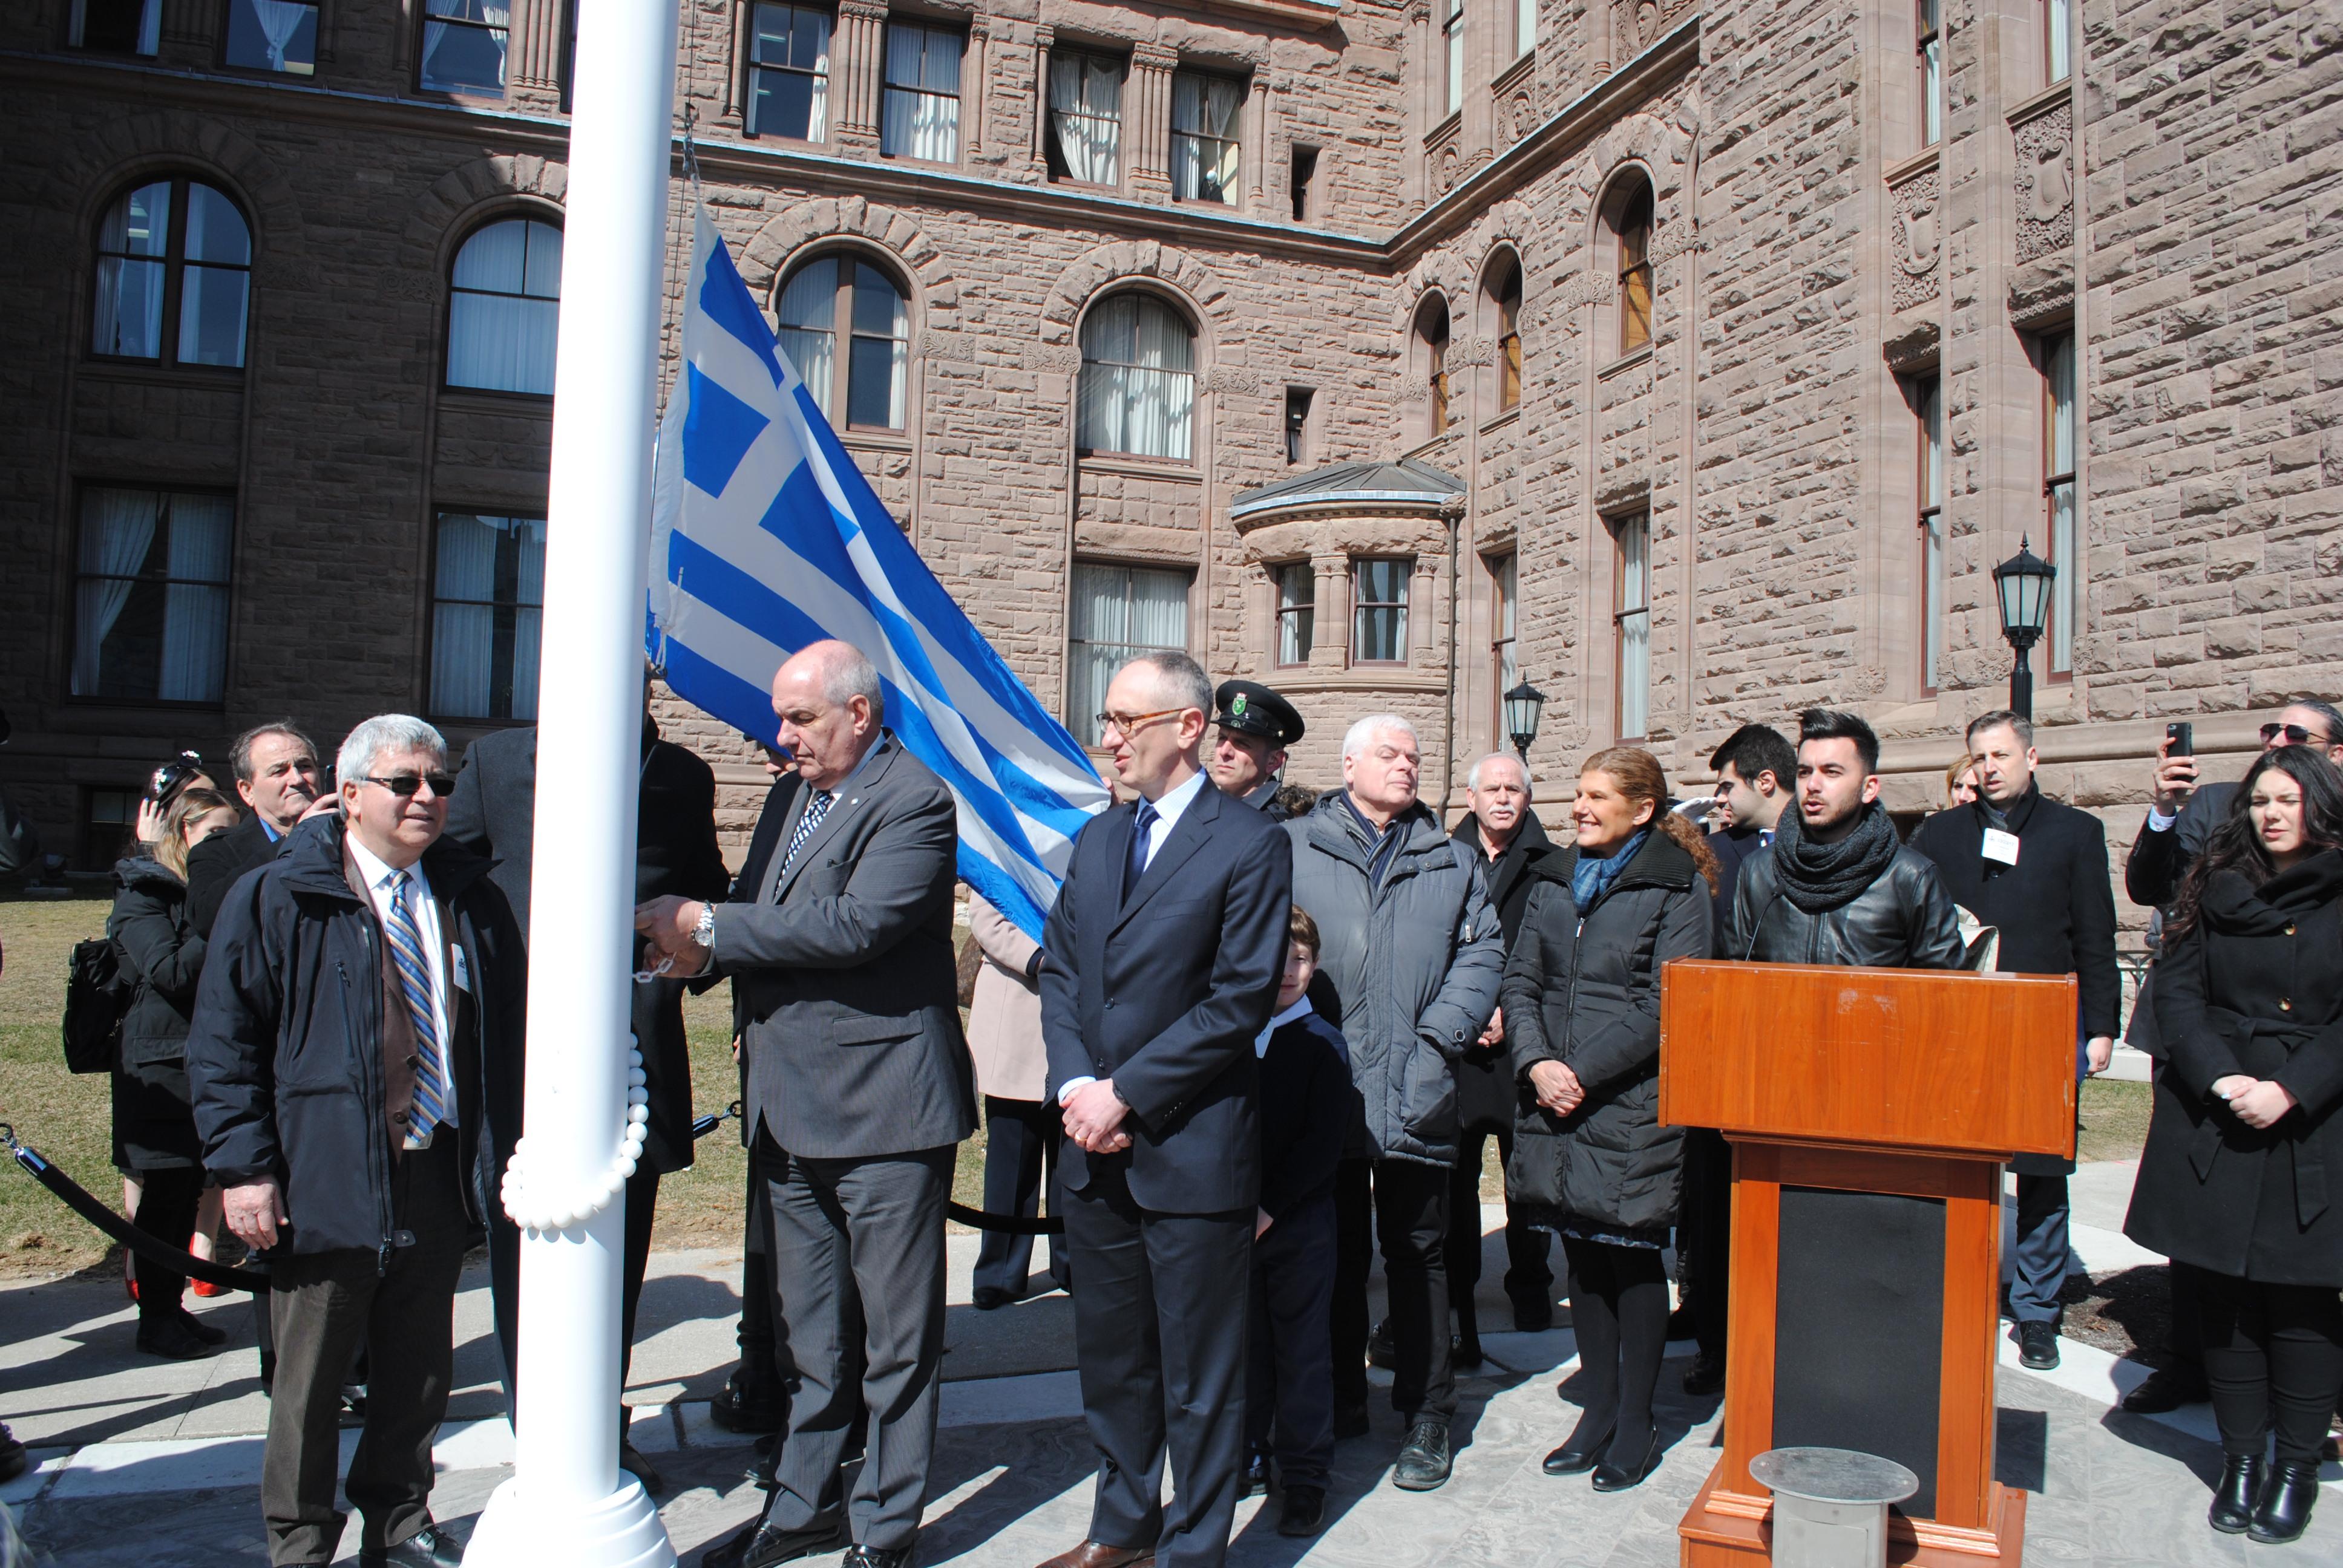 Τέρενς Κουίκ, ένα «Ελληνάρας» Υφυπουργός Εξωτερικών της Ελλάδος στον Καναδά